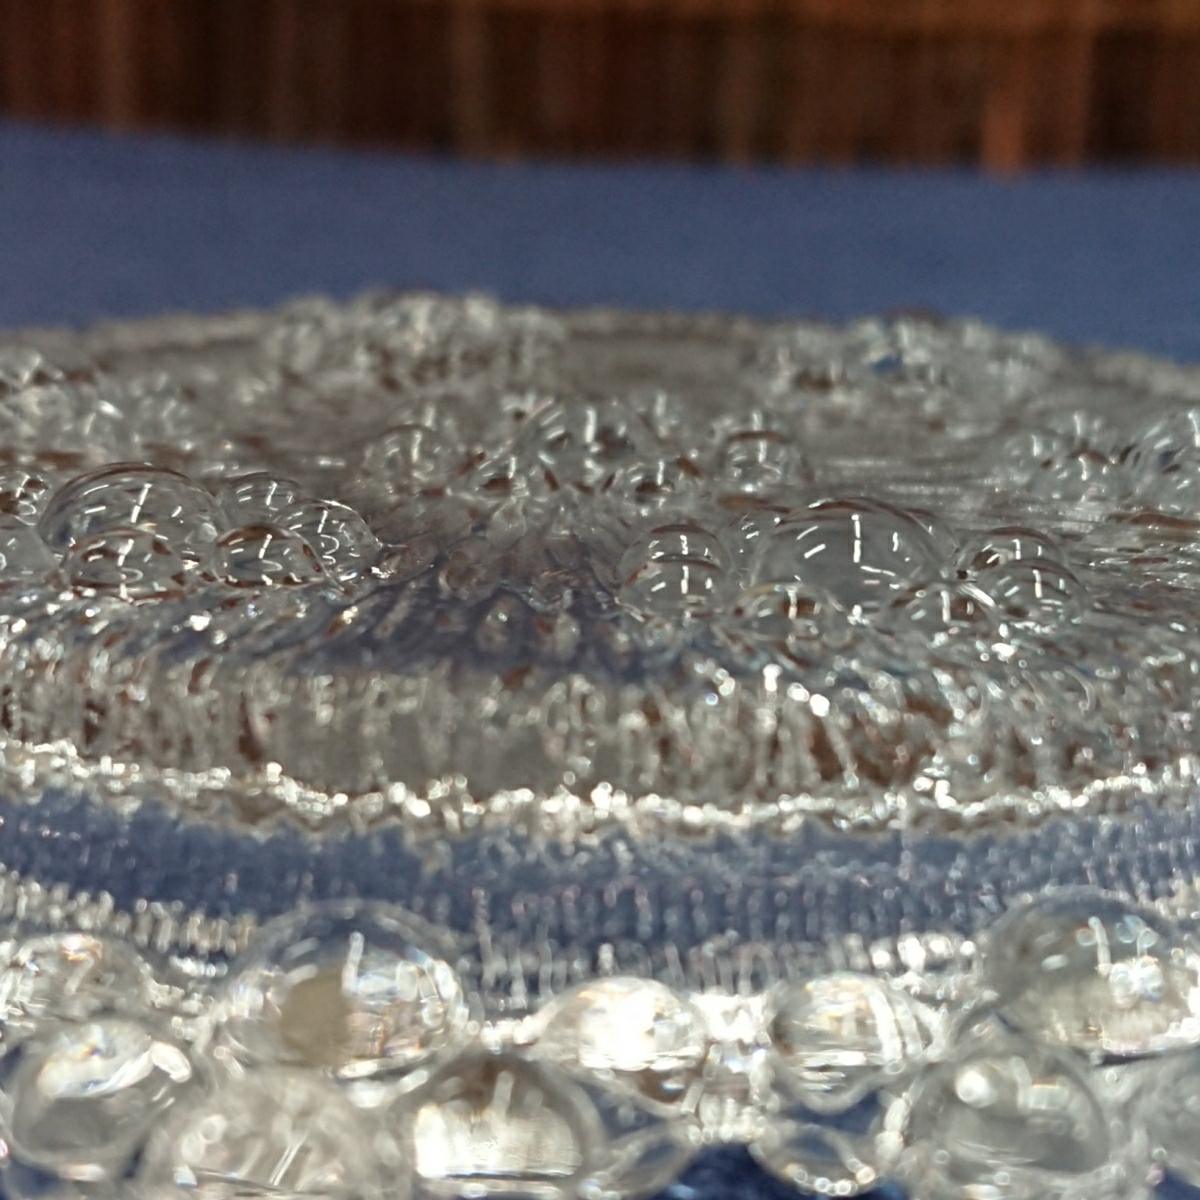 【未使用・デッドストック】アデリア ガラス ピコット ミニプレート まとめて20枚 (5×4) 昭和レトロ カフェ 業務用(コースター 小皿)_画像8